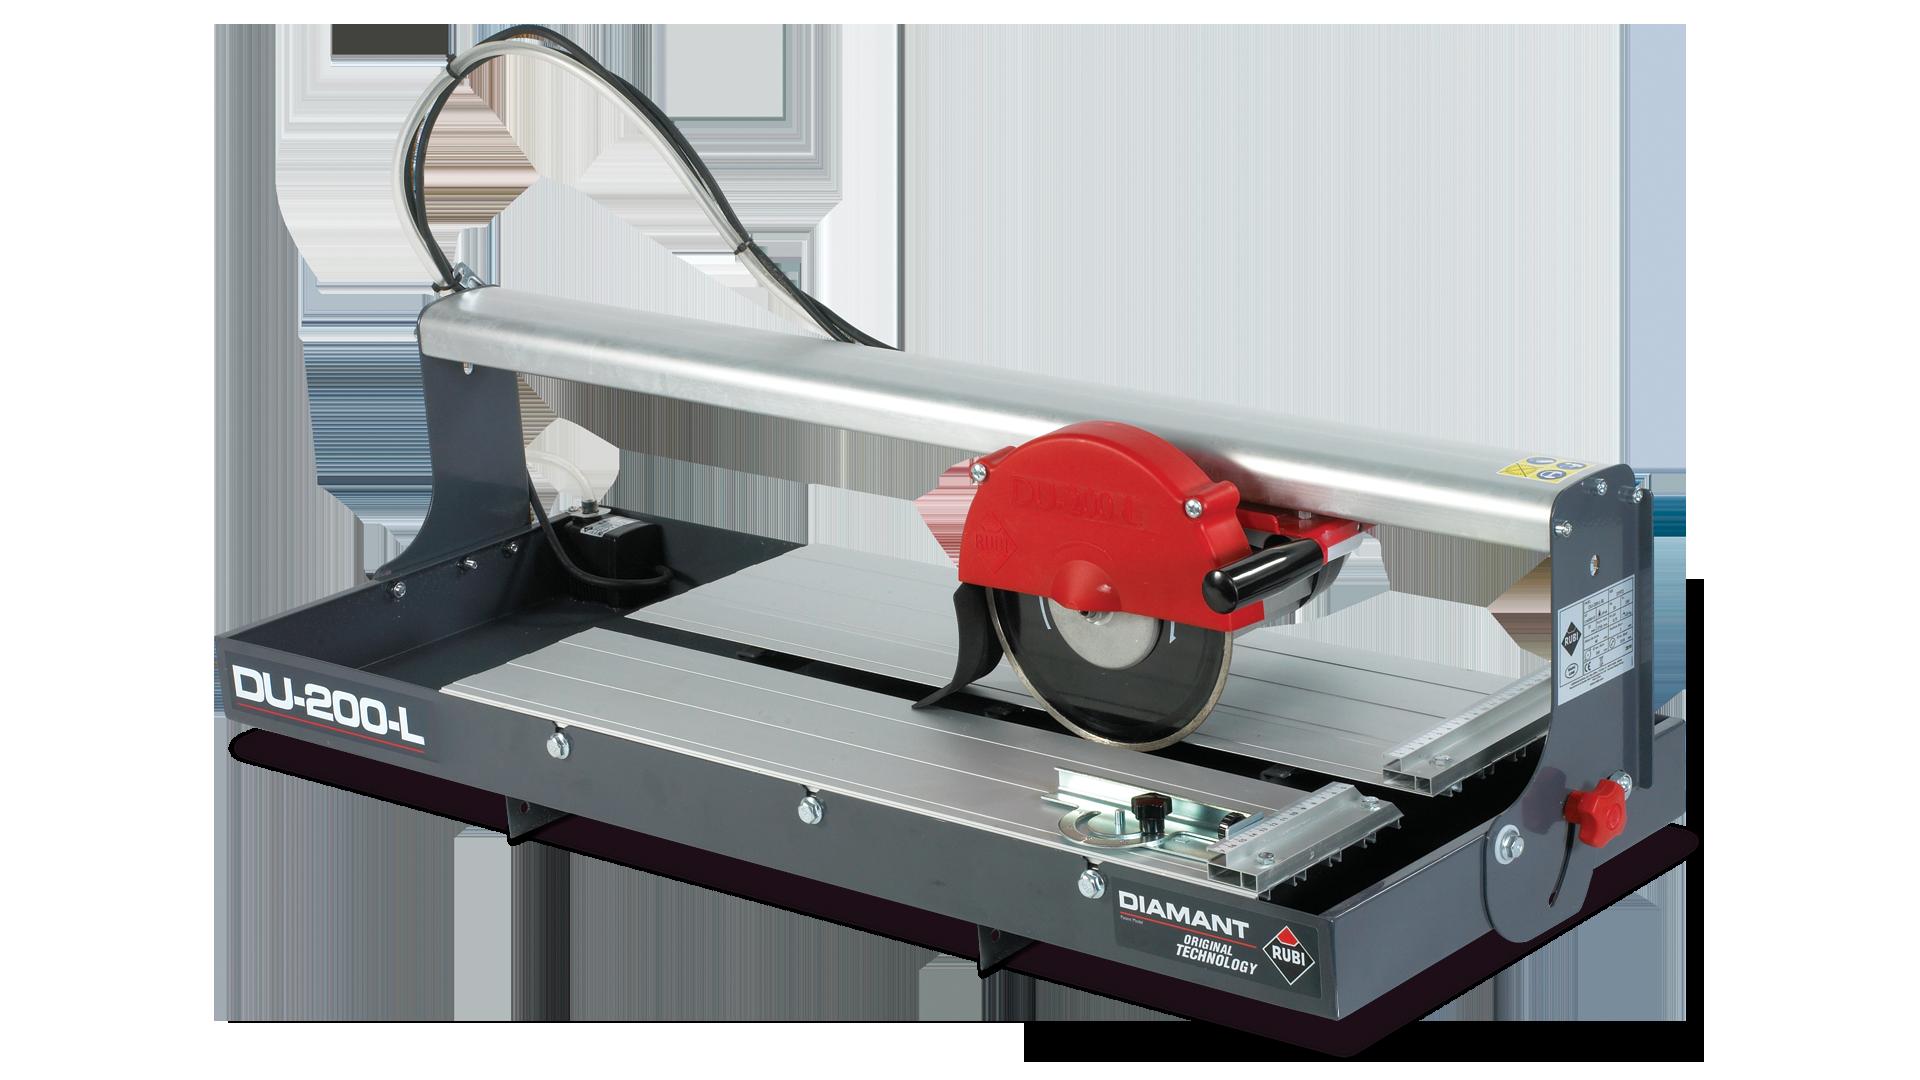 Discontinu coupeuse lectrique du 200 l rubi tools for Coupe carreaux electrique rubi